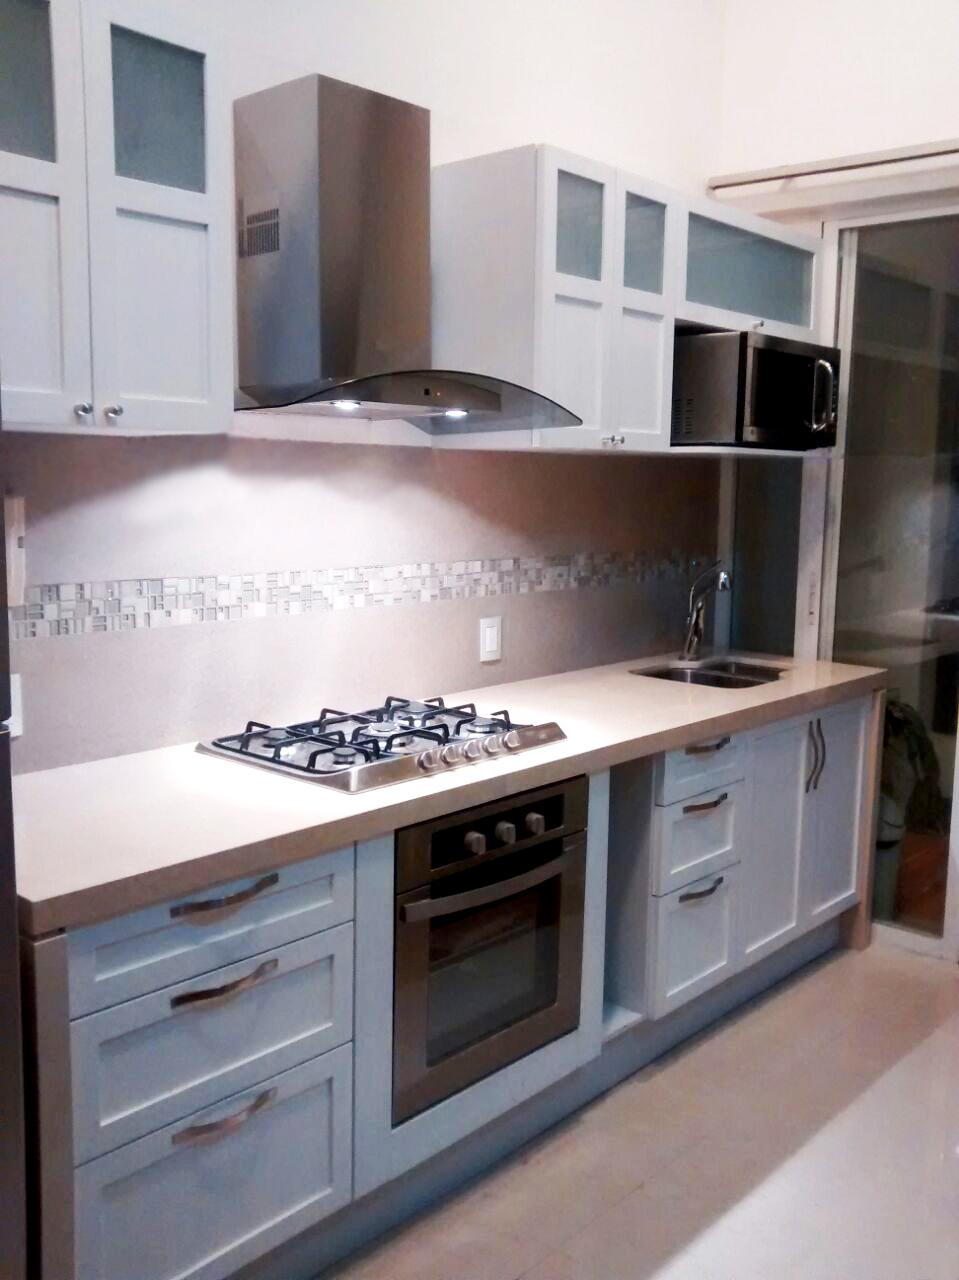 Una cocina de ensue o en un espacio chiquito mtd - Cocinas de ensueno ...